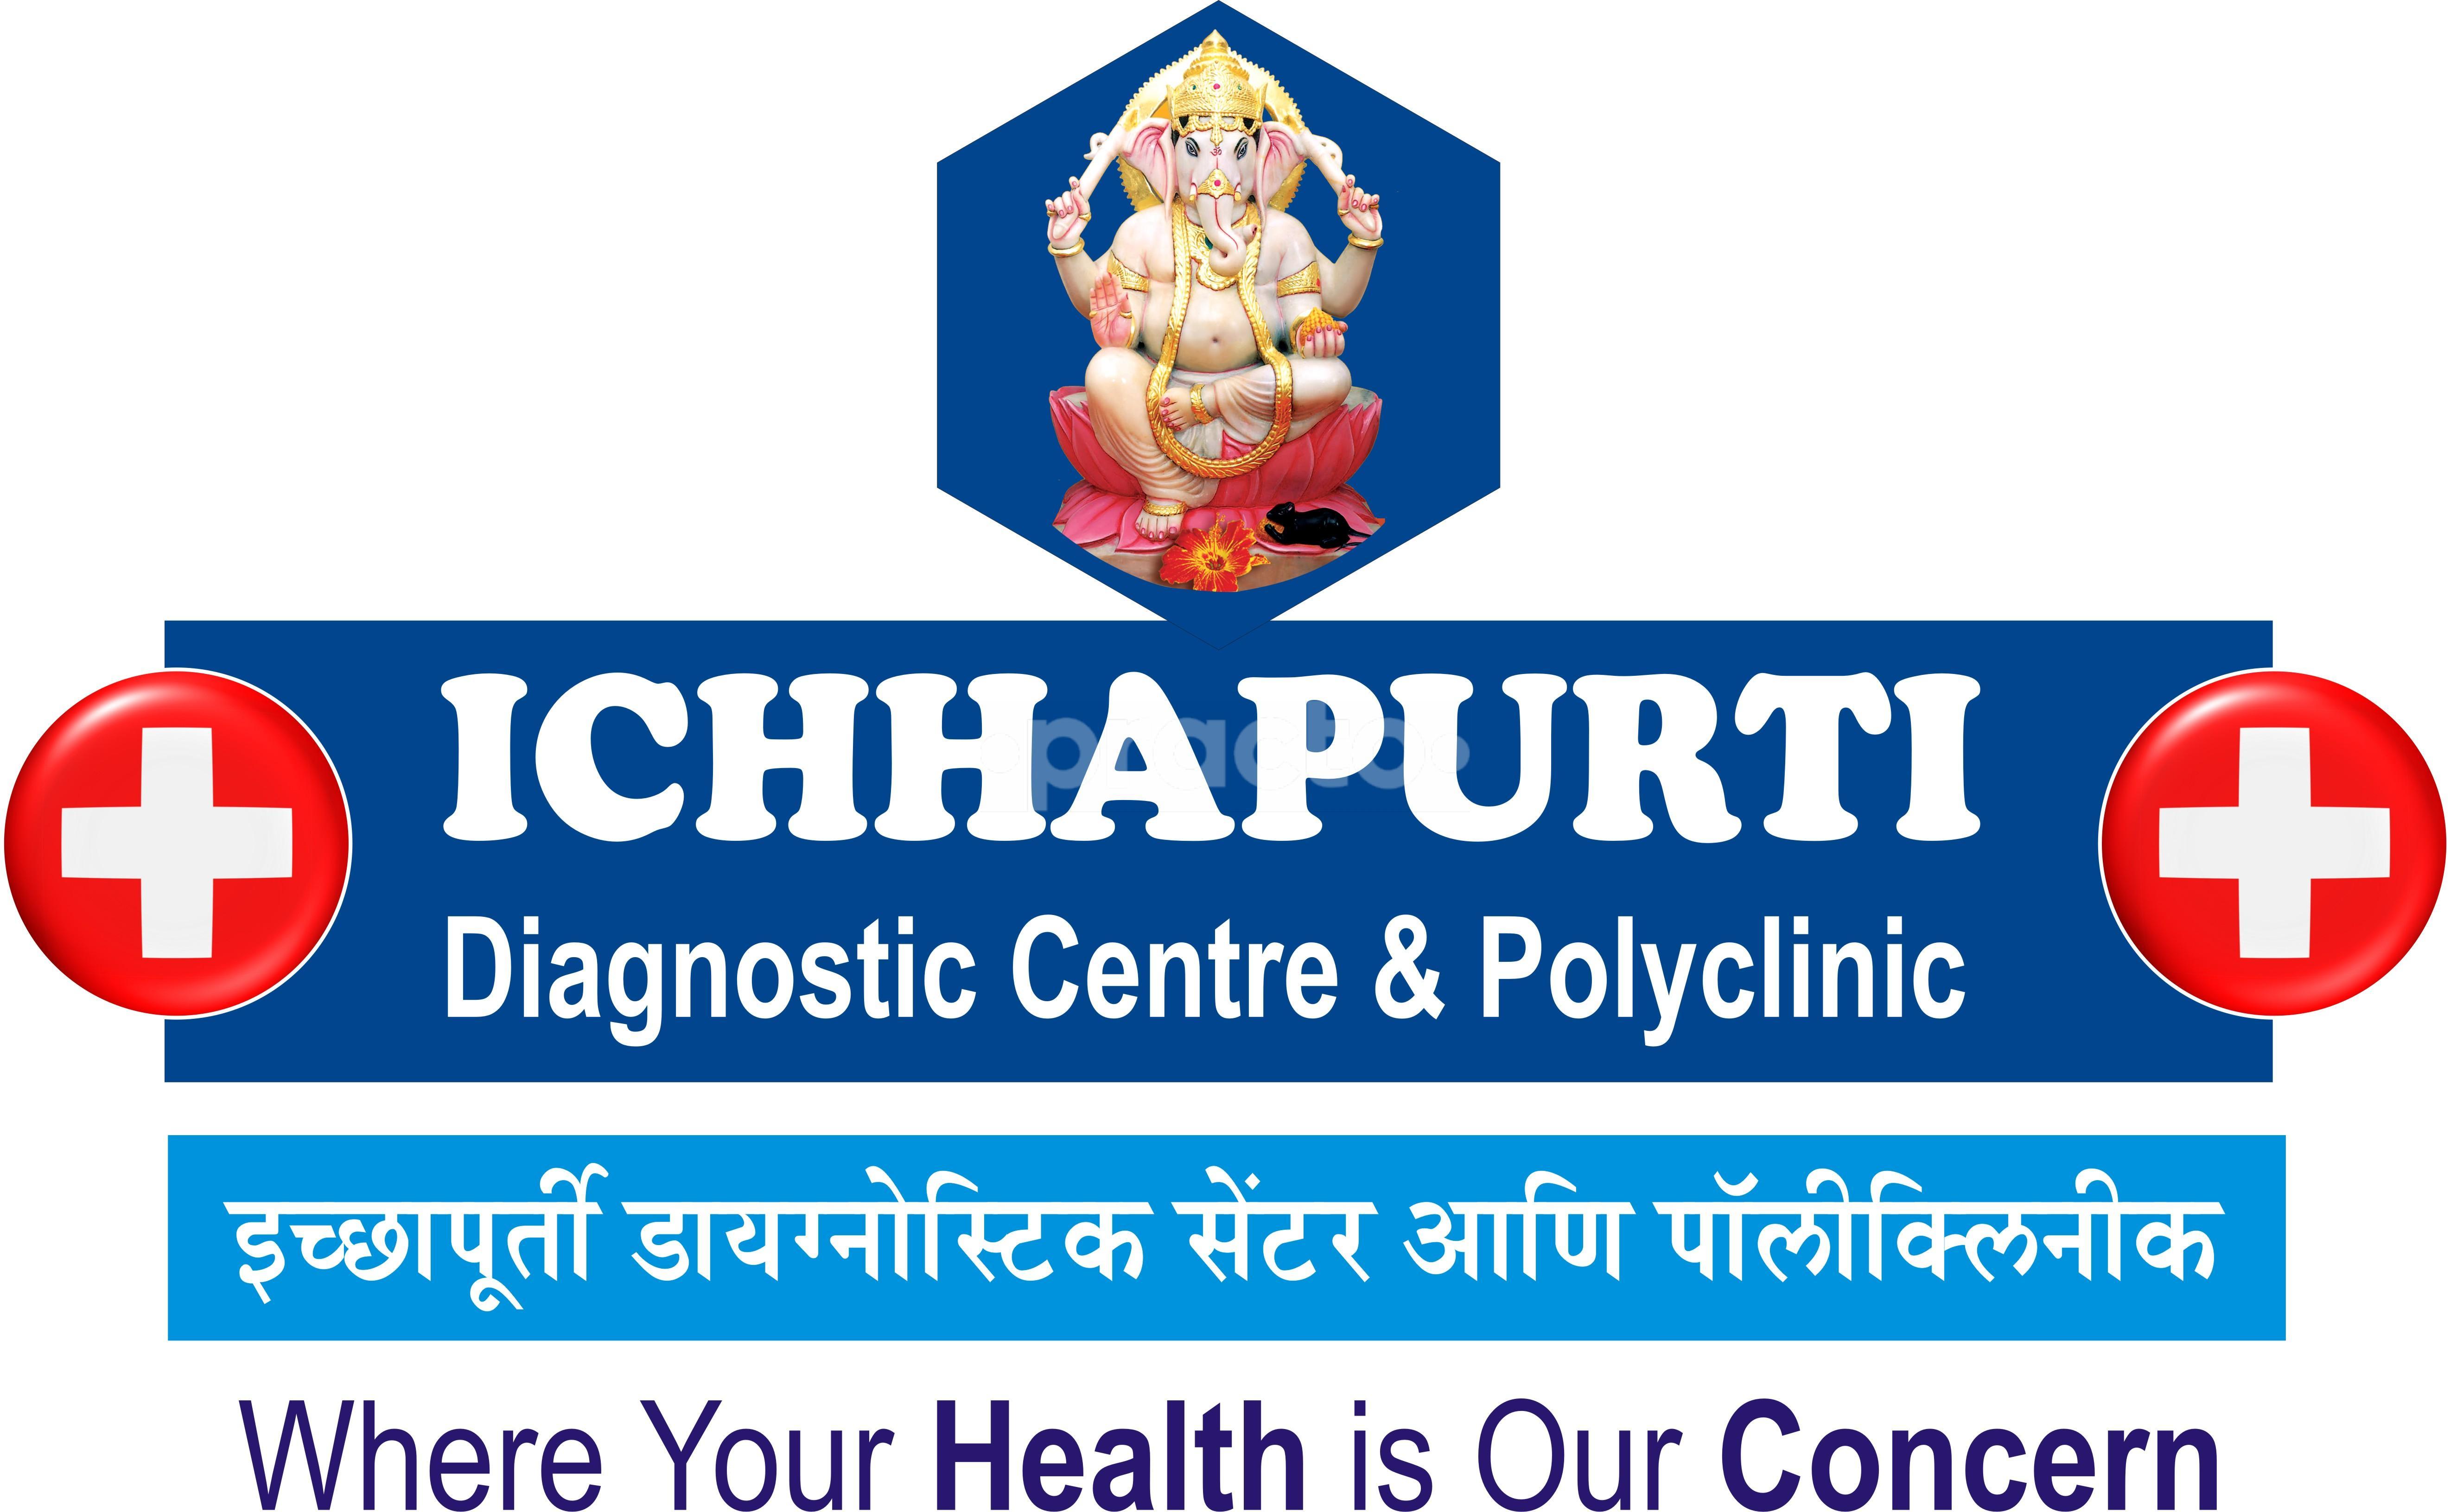 Ichhapurti Polyclinic & Diagnostic Centre